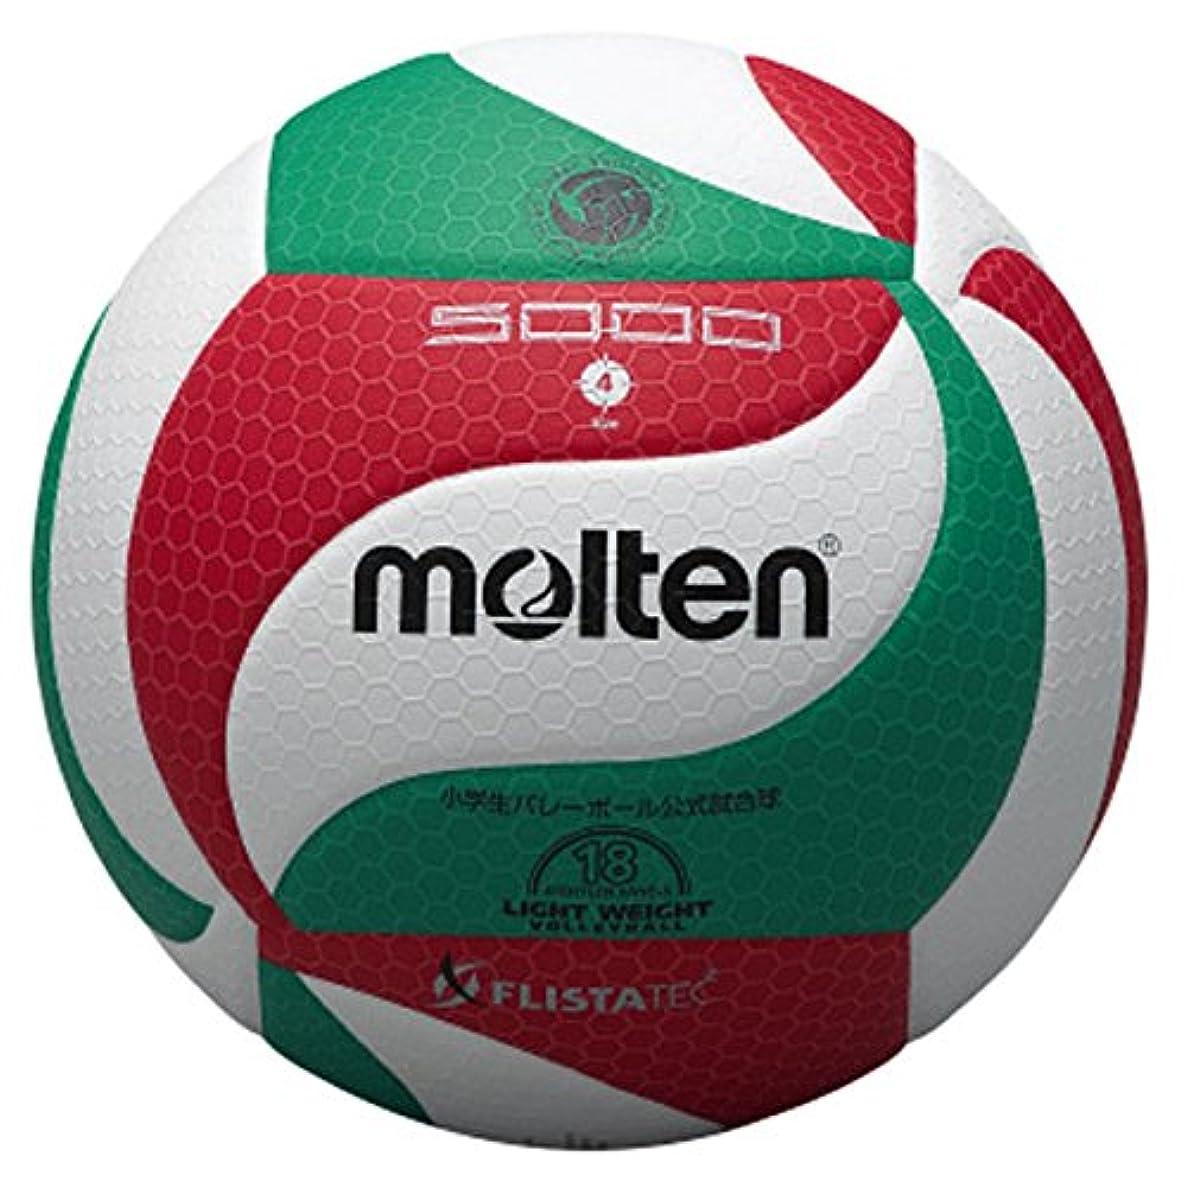 ビート克服する修理可能(モルテン) Molten ボール バレーボール 4号 バレー フリスタテック 軽量 全日本小学生大会 公式試合球 (倉Z) (国内正規品)